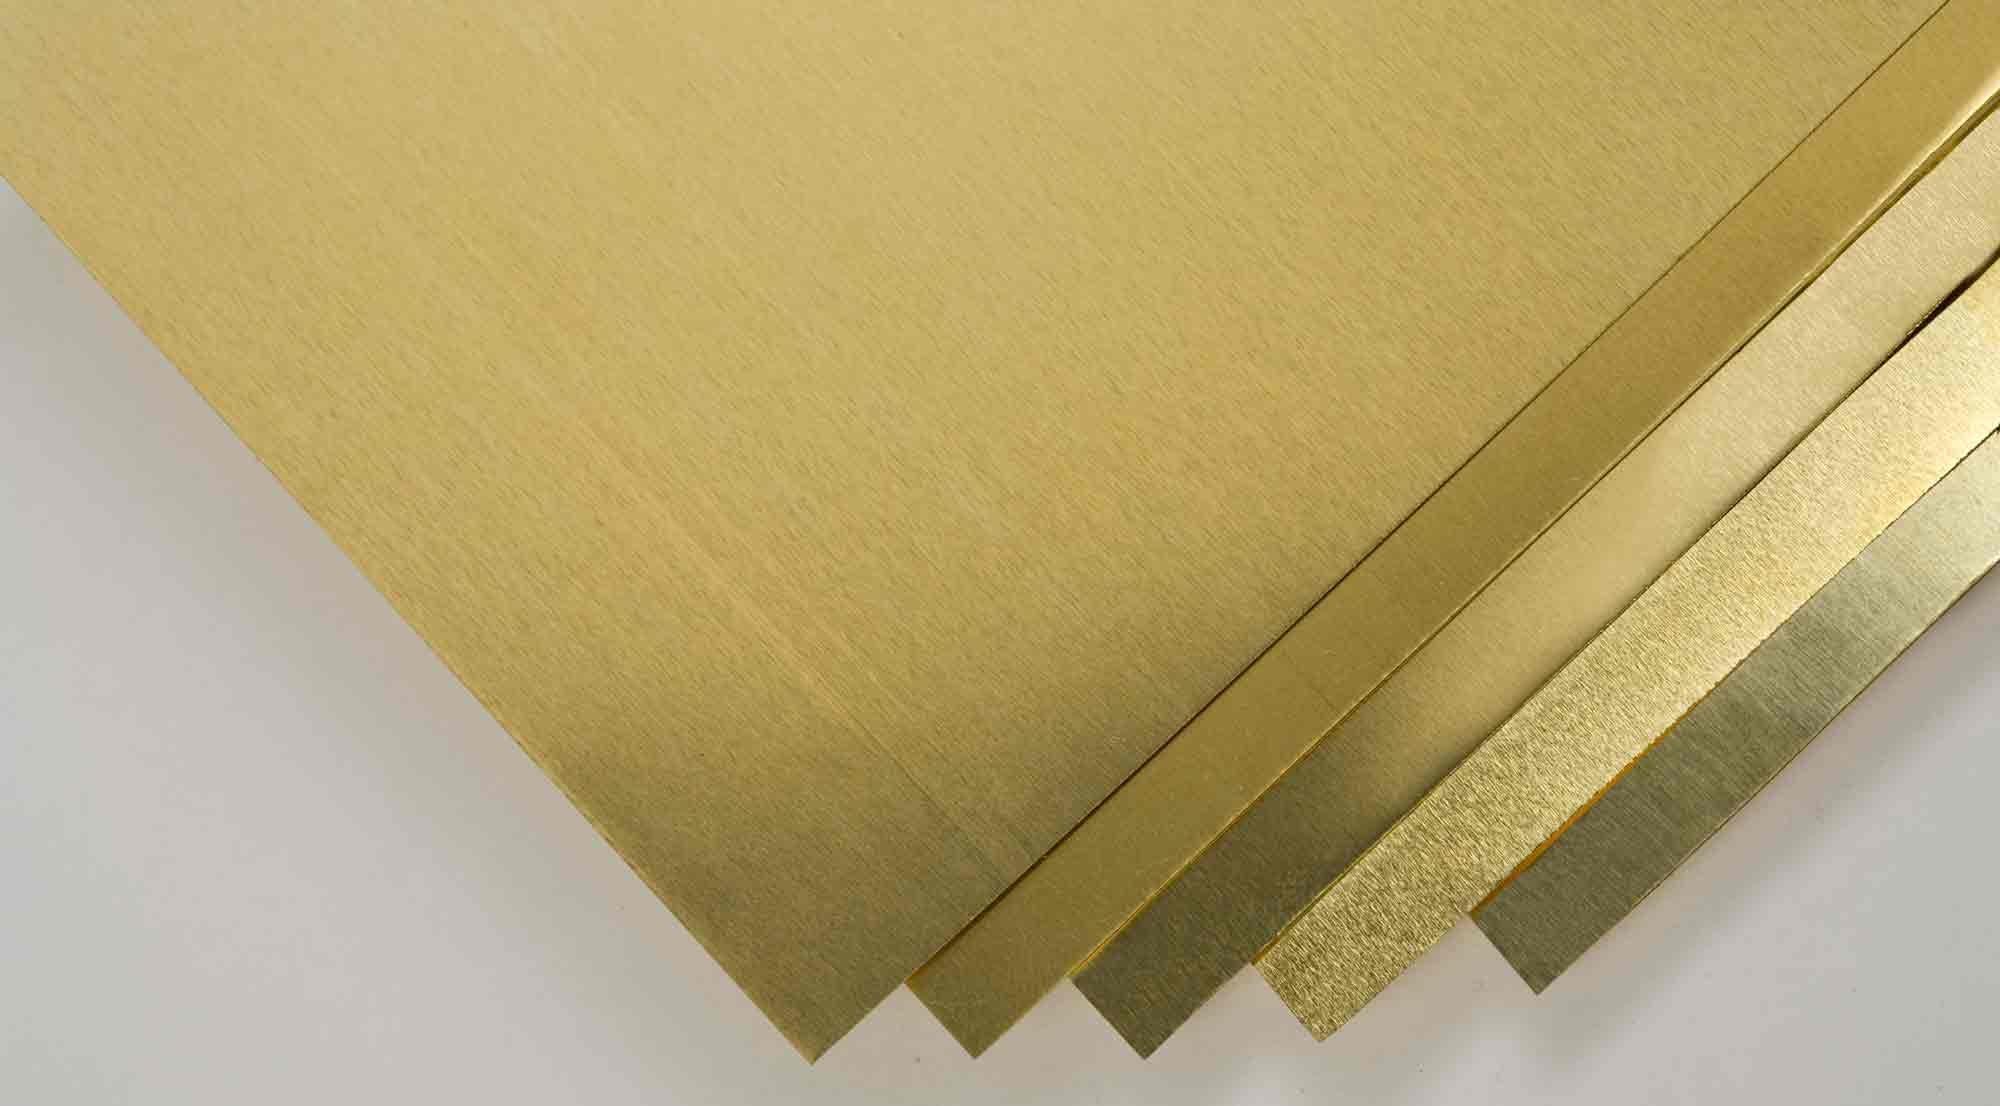 Shim Stock Assortment-Brass (5)